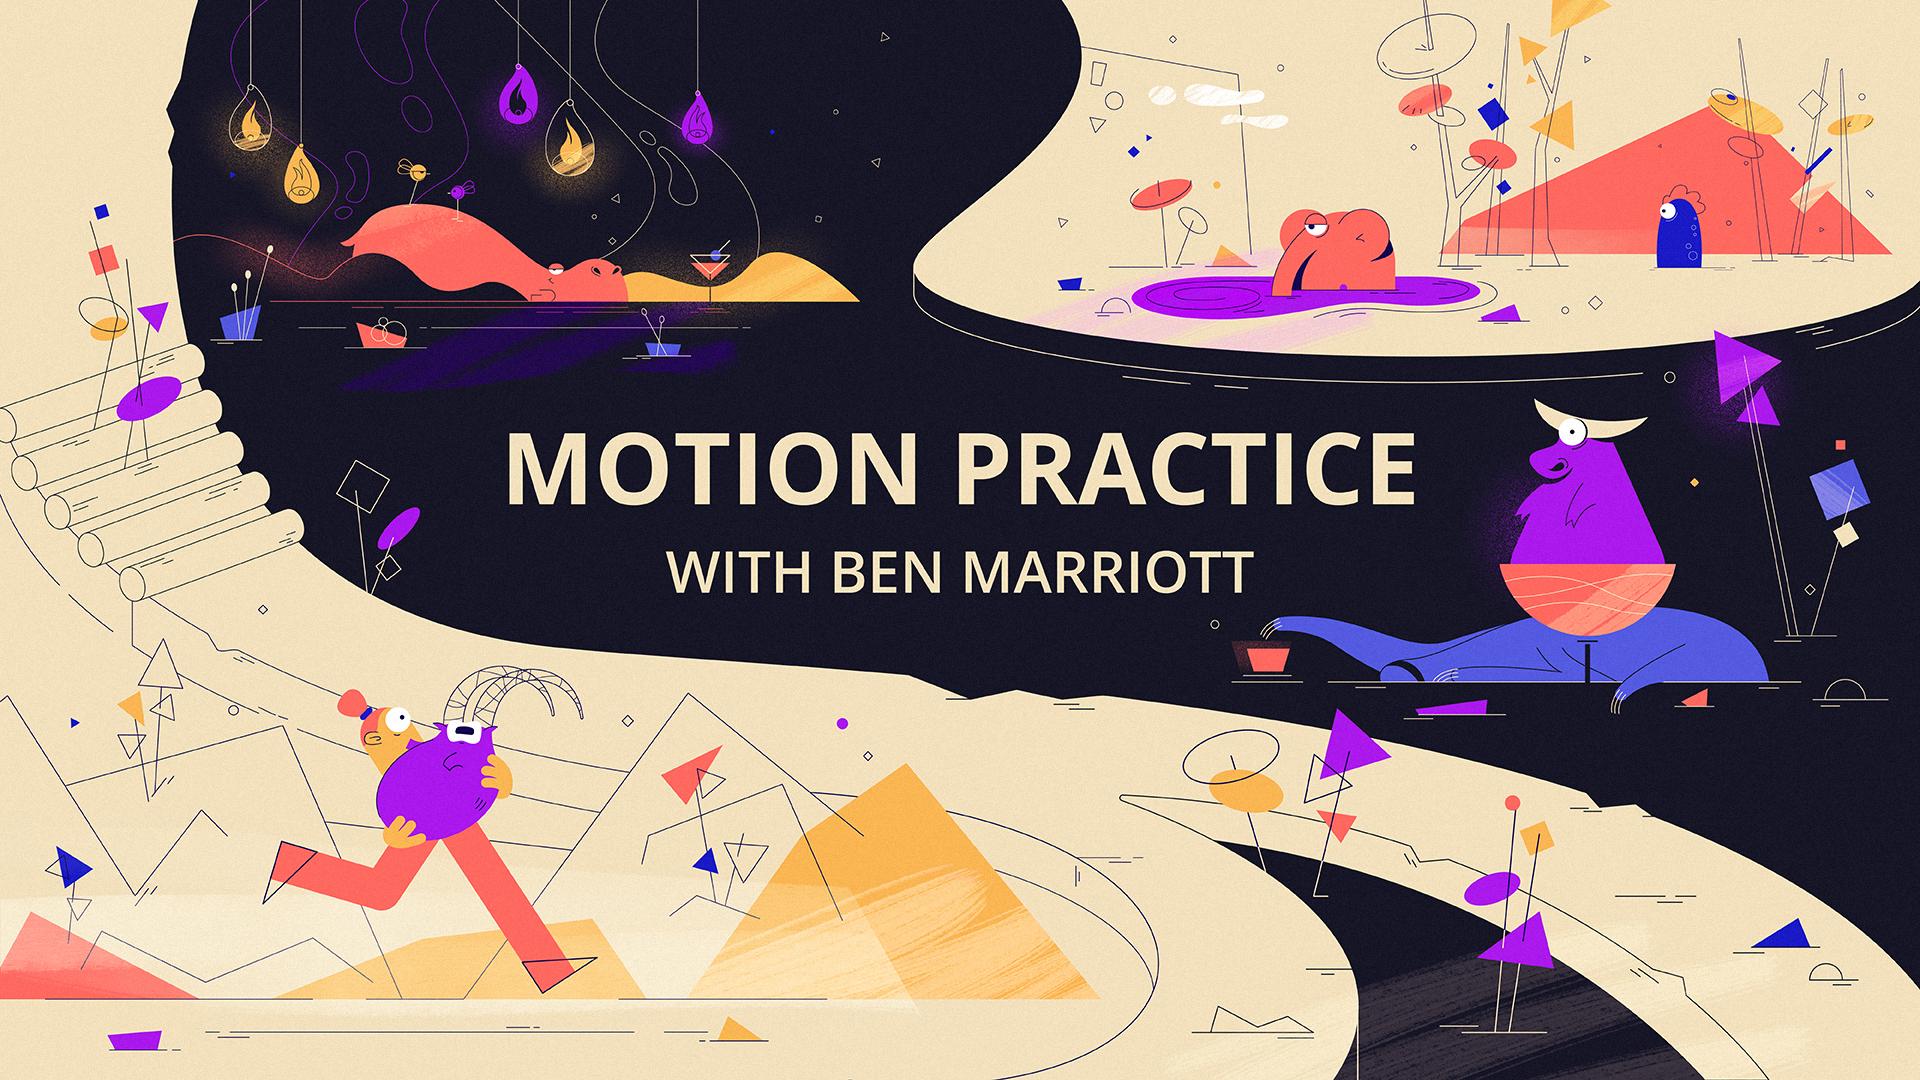 Motion Practice with Ben Marriott